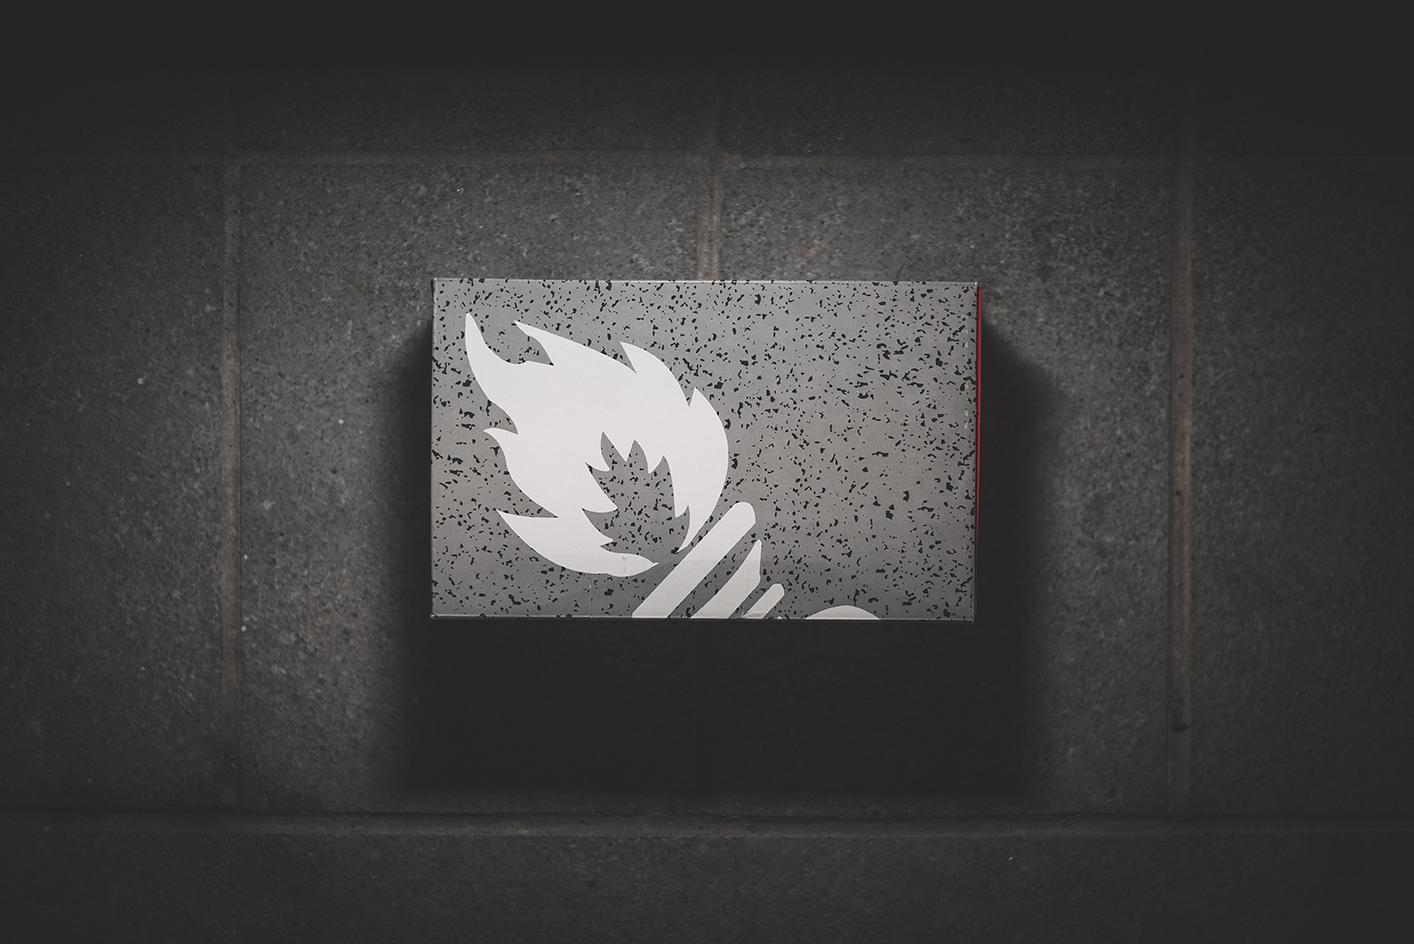 HANON_x_Saucony_FreedomISO_Granite_PressImages_13.jpg